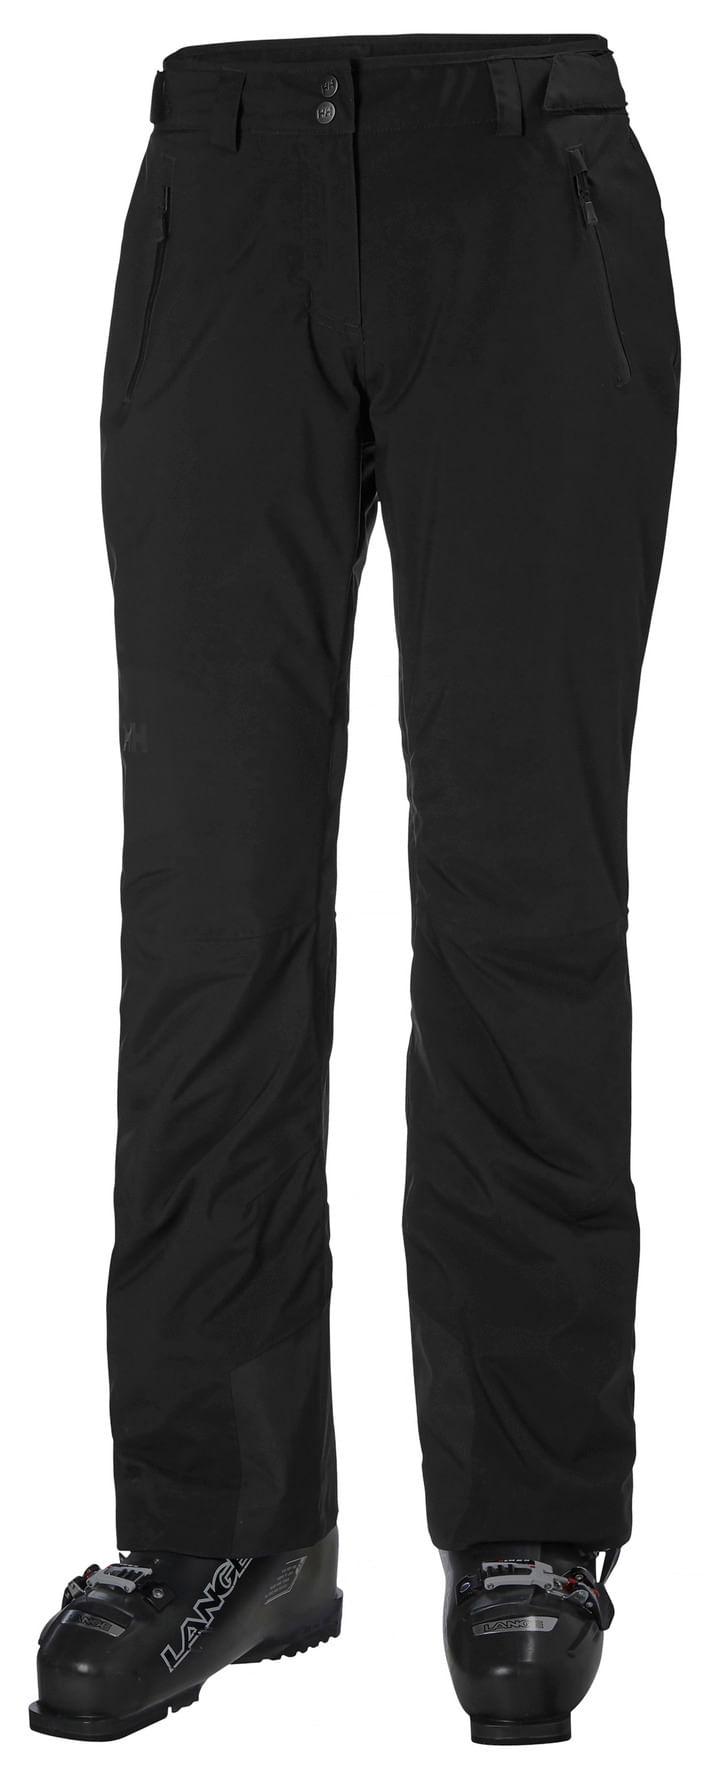 Helly-Hansen-Legendary-Women-s-Insulated-Pants-2021